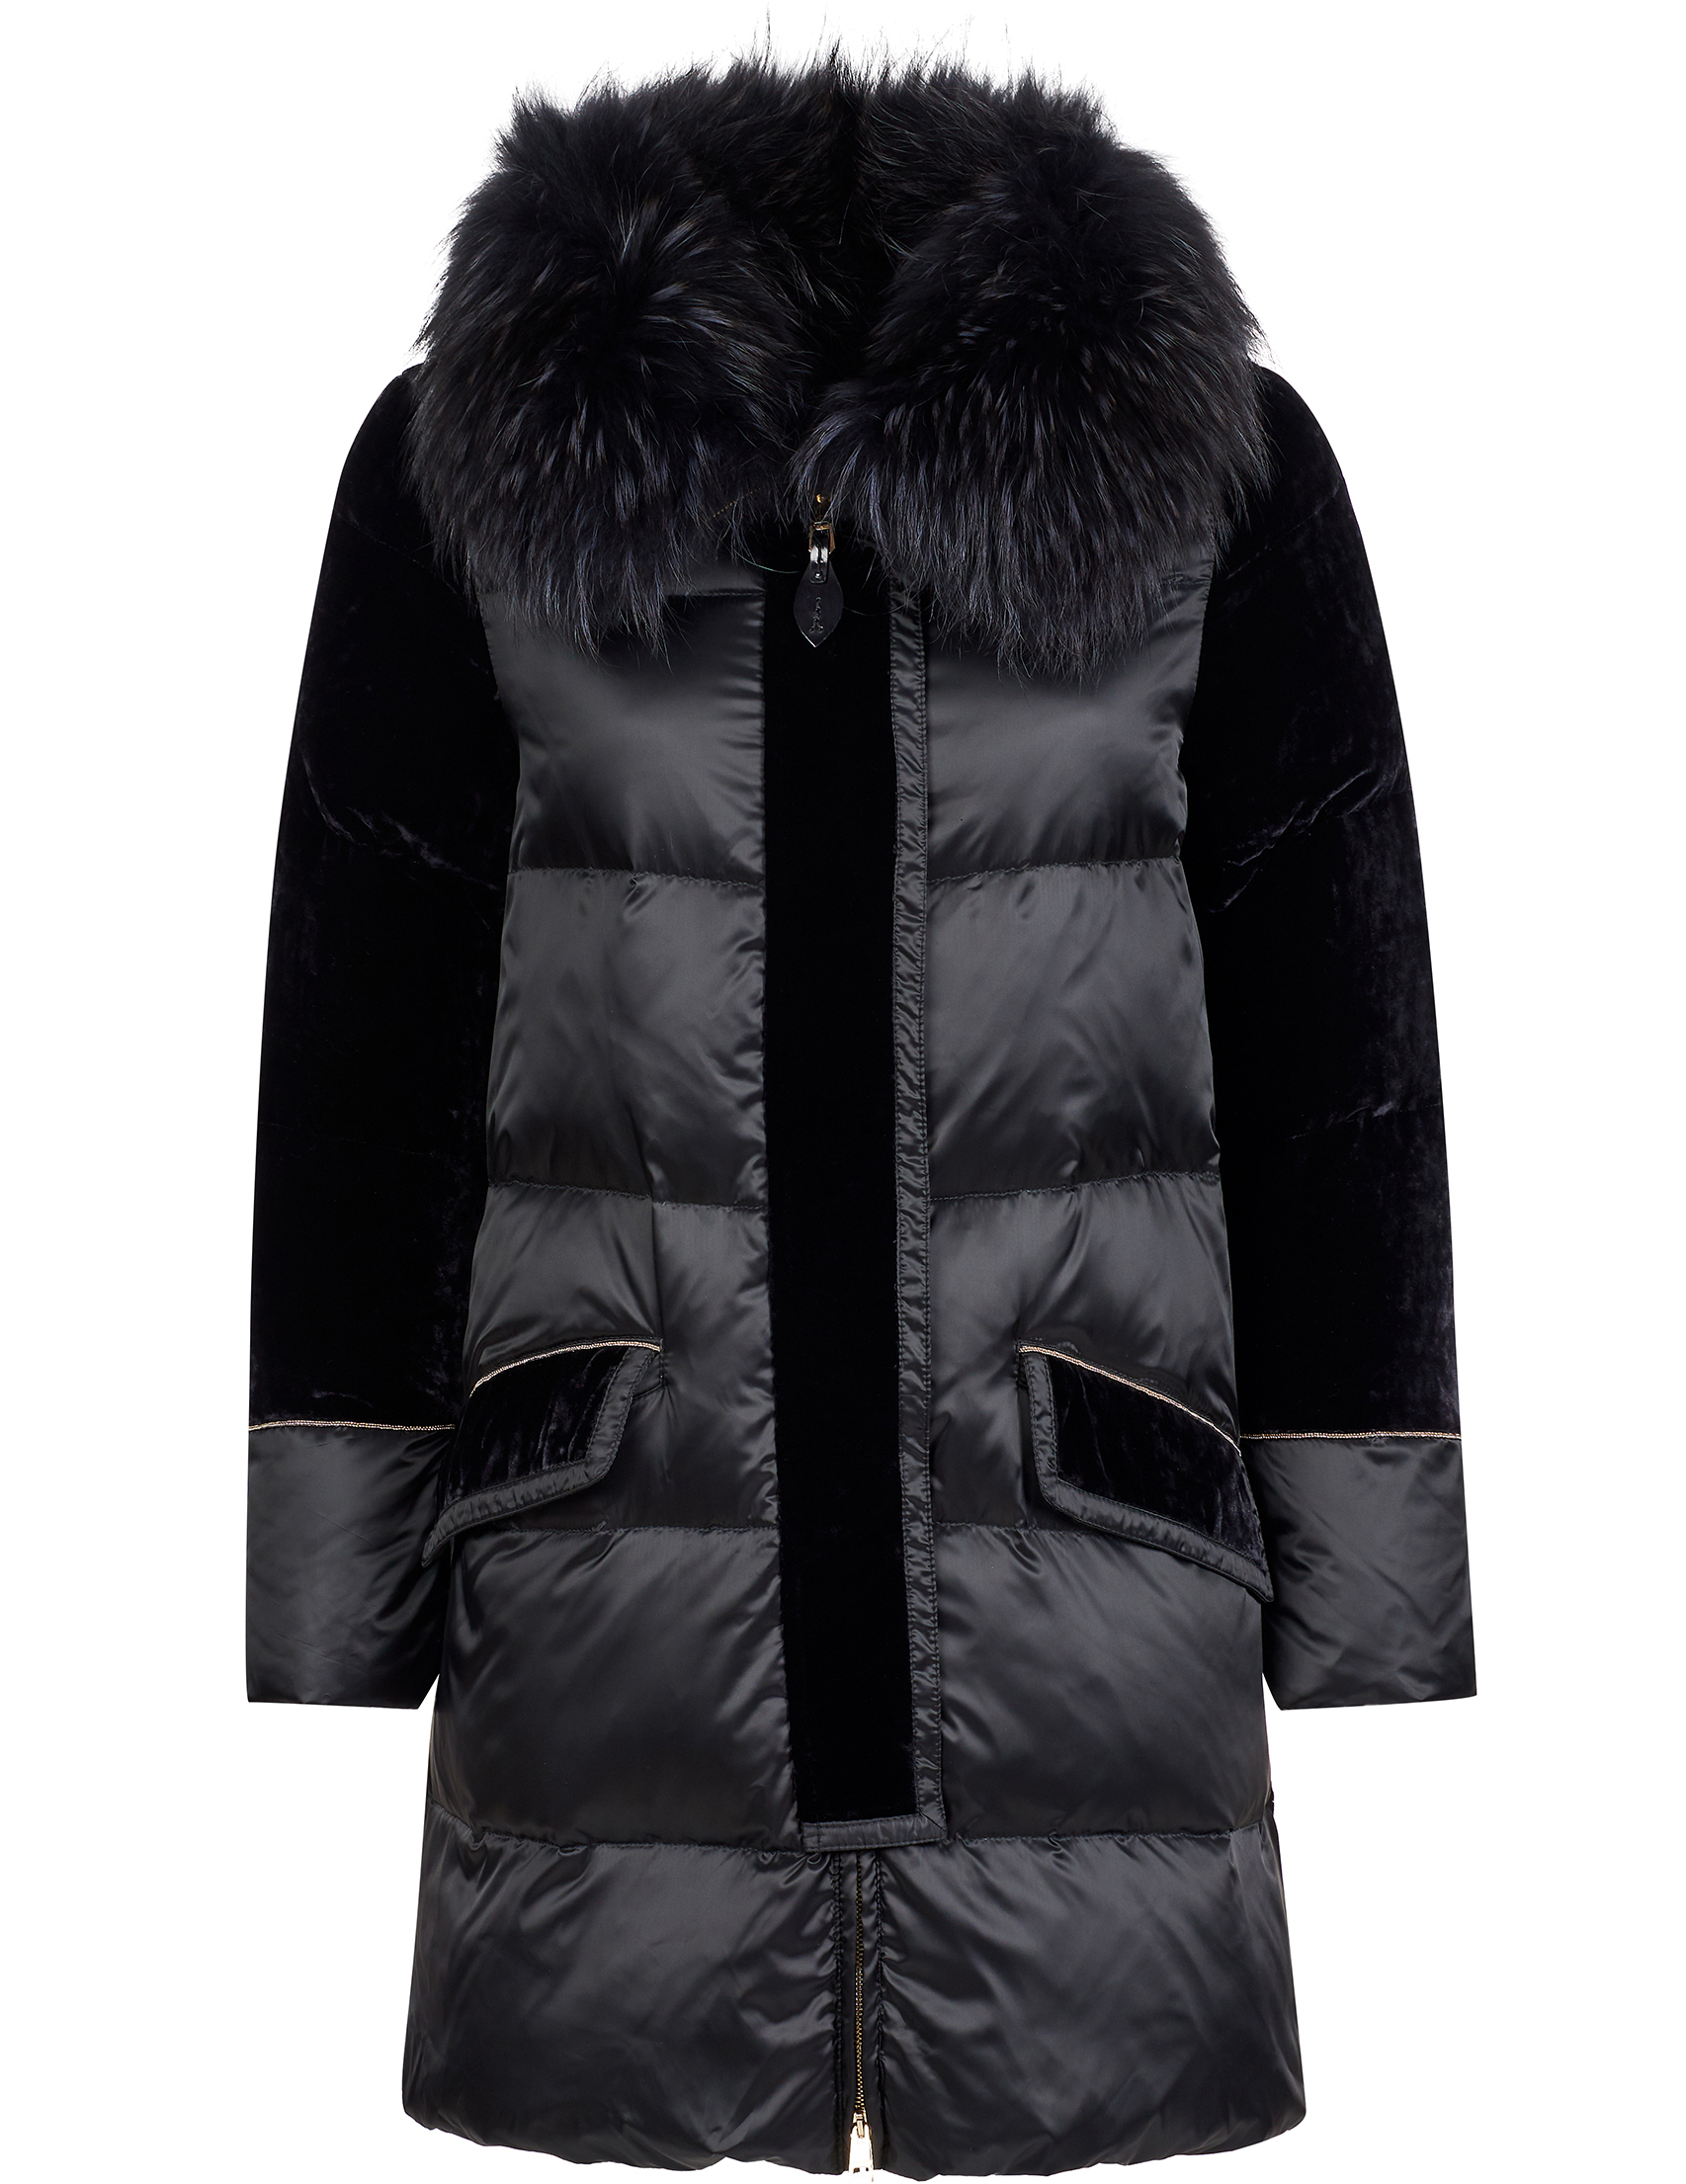 Купить Куртки, Куртка, GALLOTTI, Черный, 100%Полиэстер;82%Вискоза 18%Шелк;100%Мех, Осень-Зима